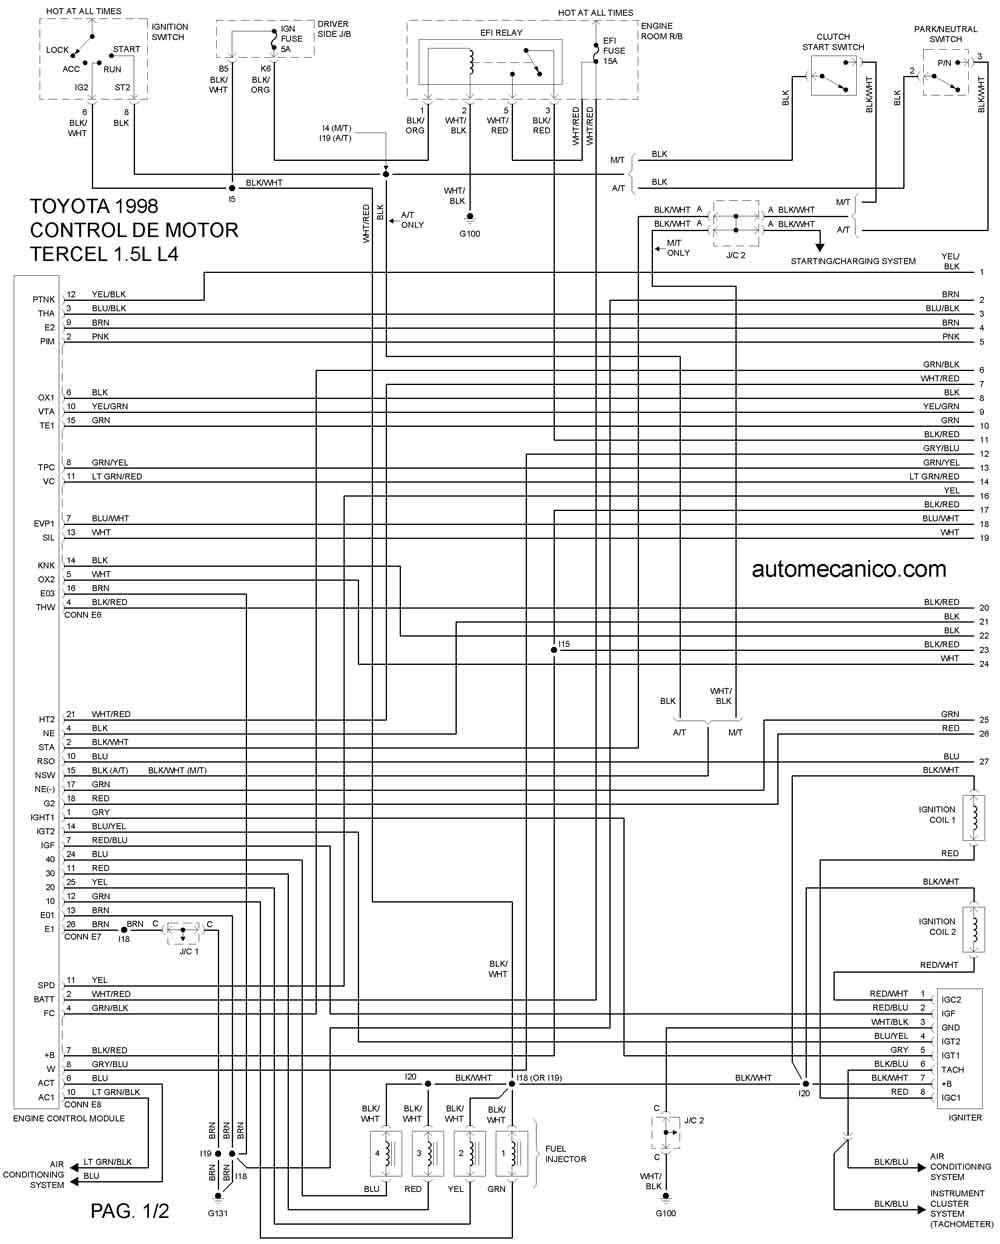 Toyota 1998 Diagramas Esquemas Graphics Vehiculos Motores Mecanica Automotriz